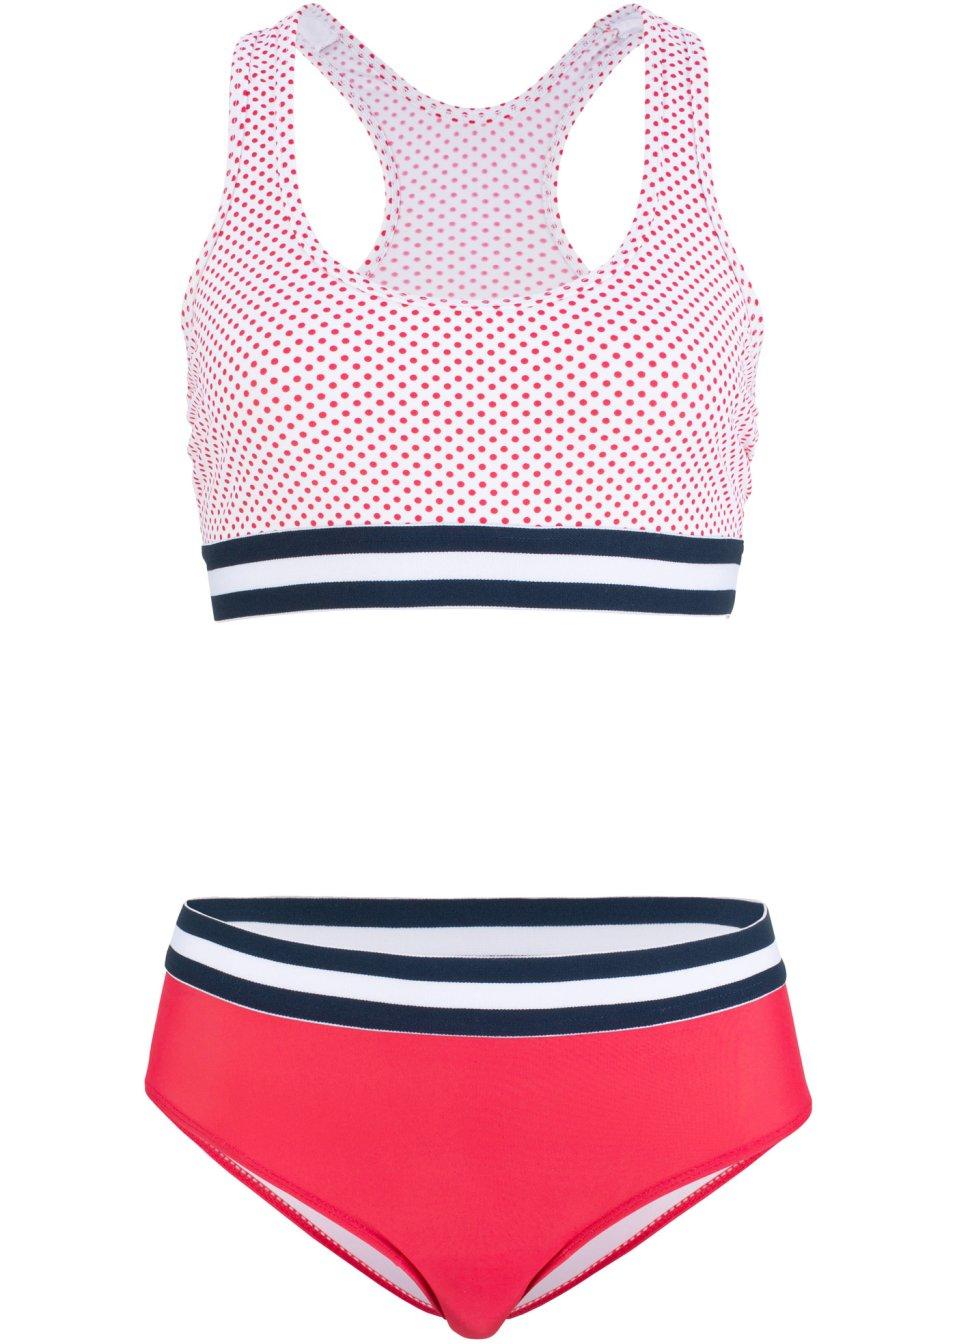 Komfortabler Bustier Bikini mit Ringerrücken und breiten Gummibündchen - rot/weiß kcDqA lcdeI